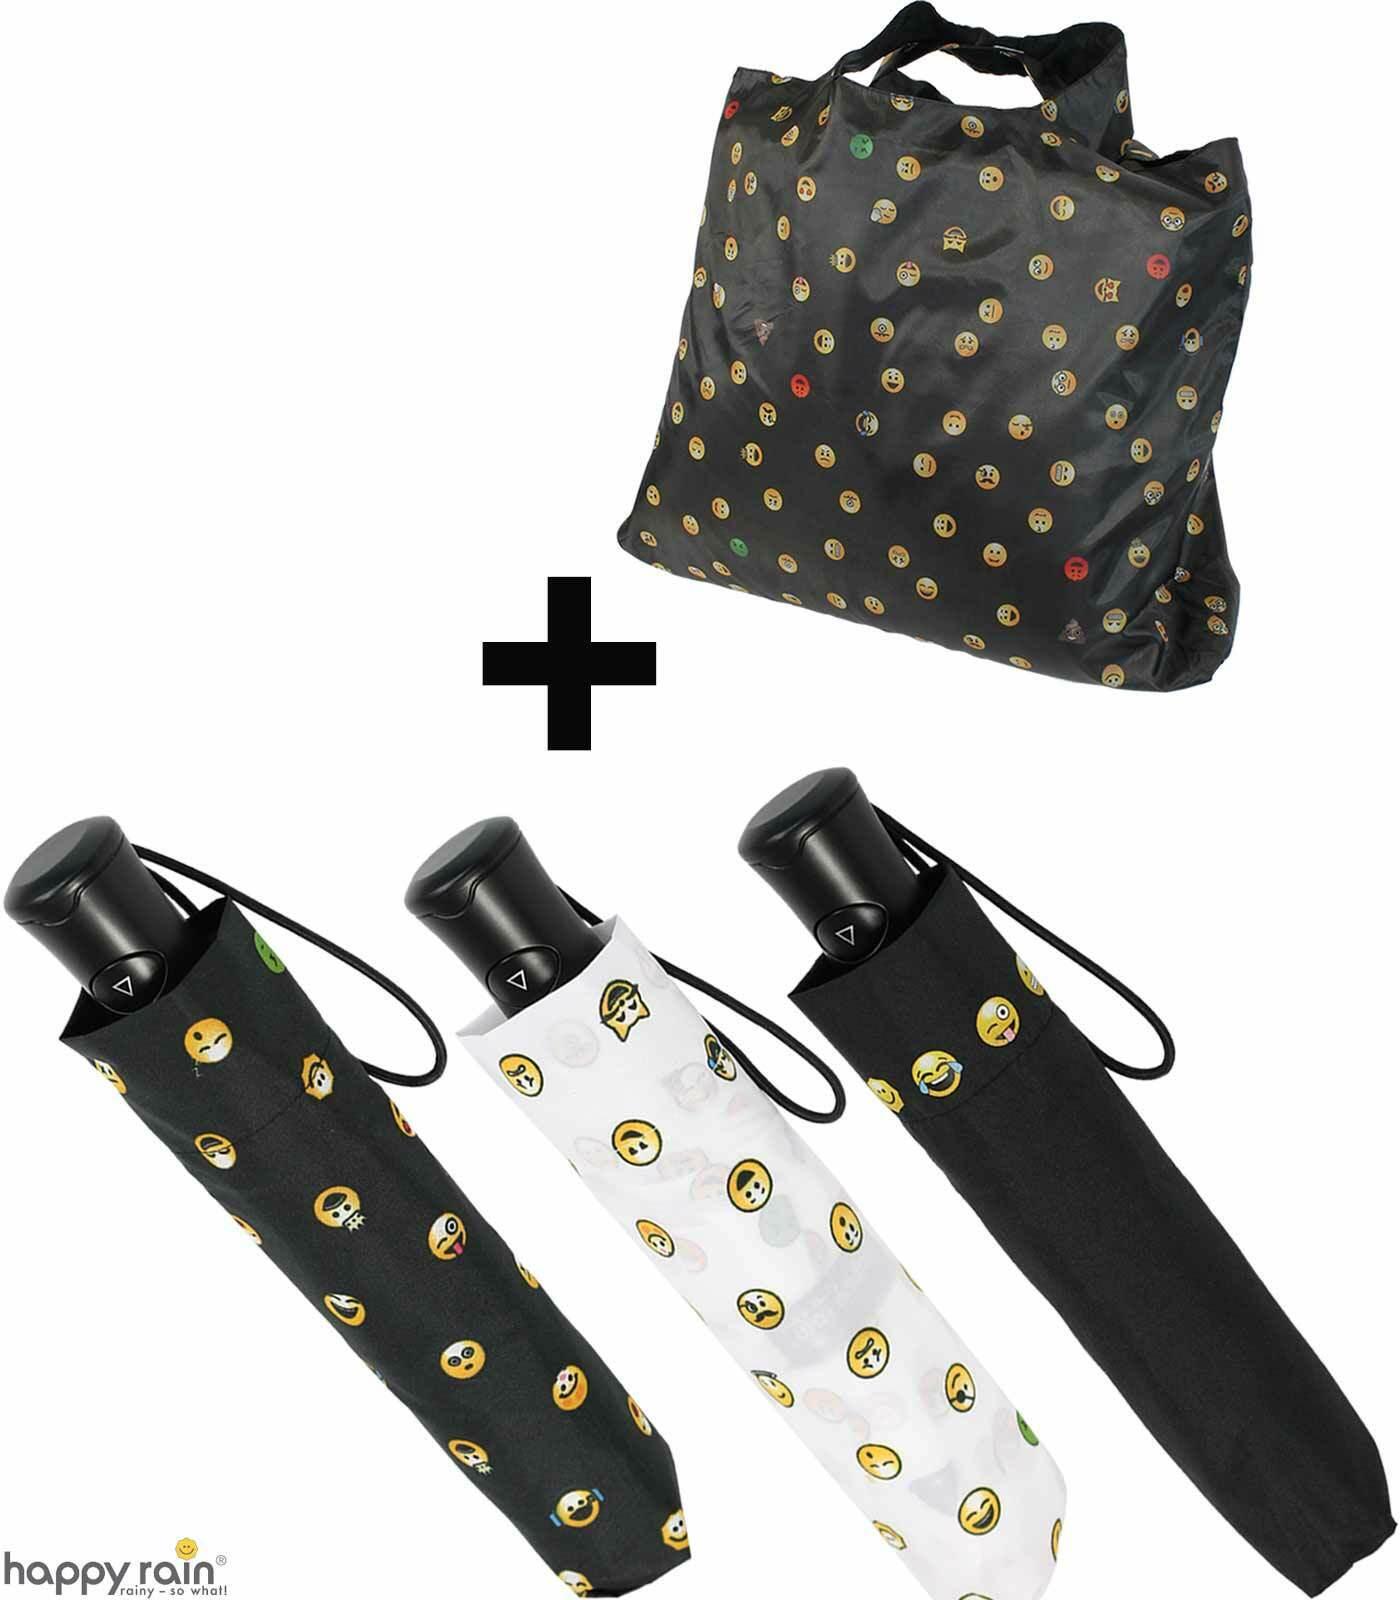 Regenschirm Taschenschirm Einkaufsbeutel Set Emoticon Damen Smiley Emoji